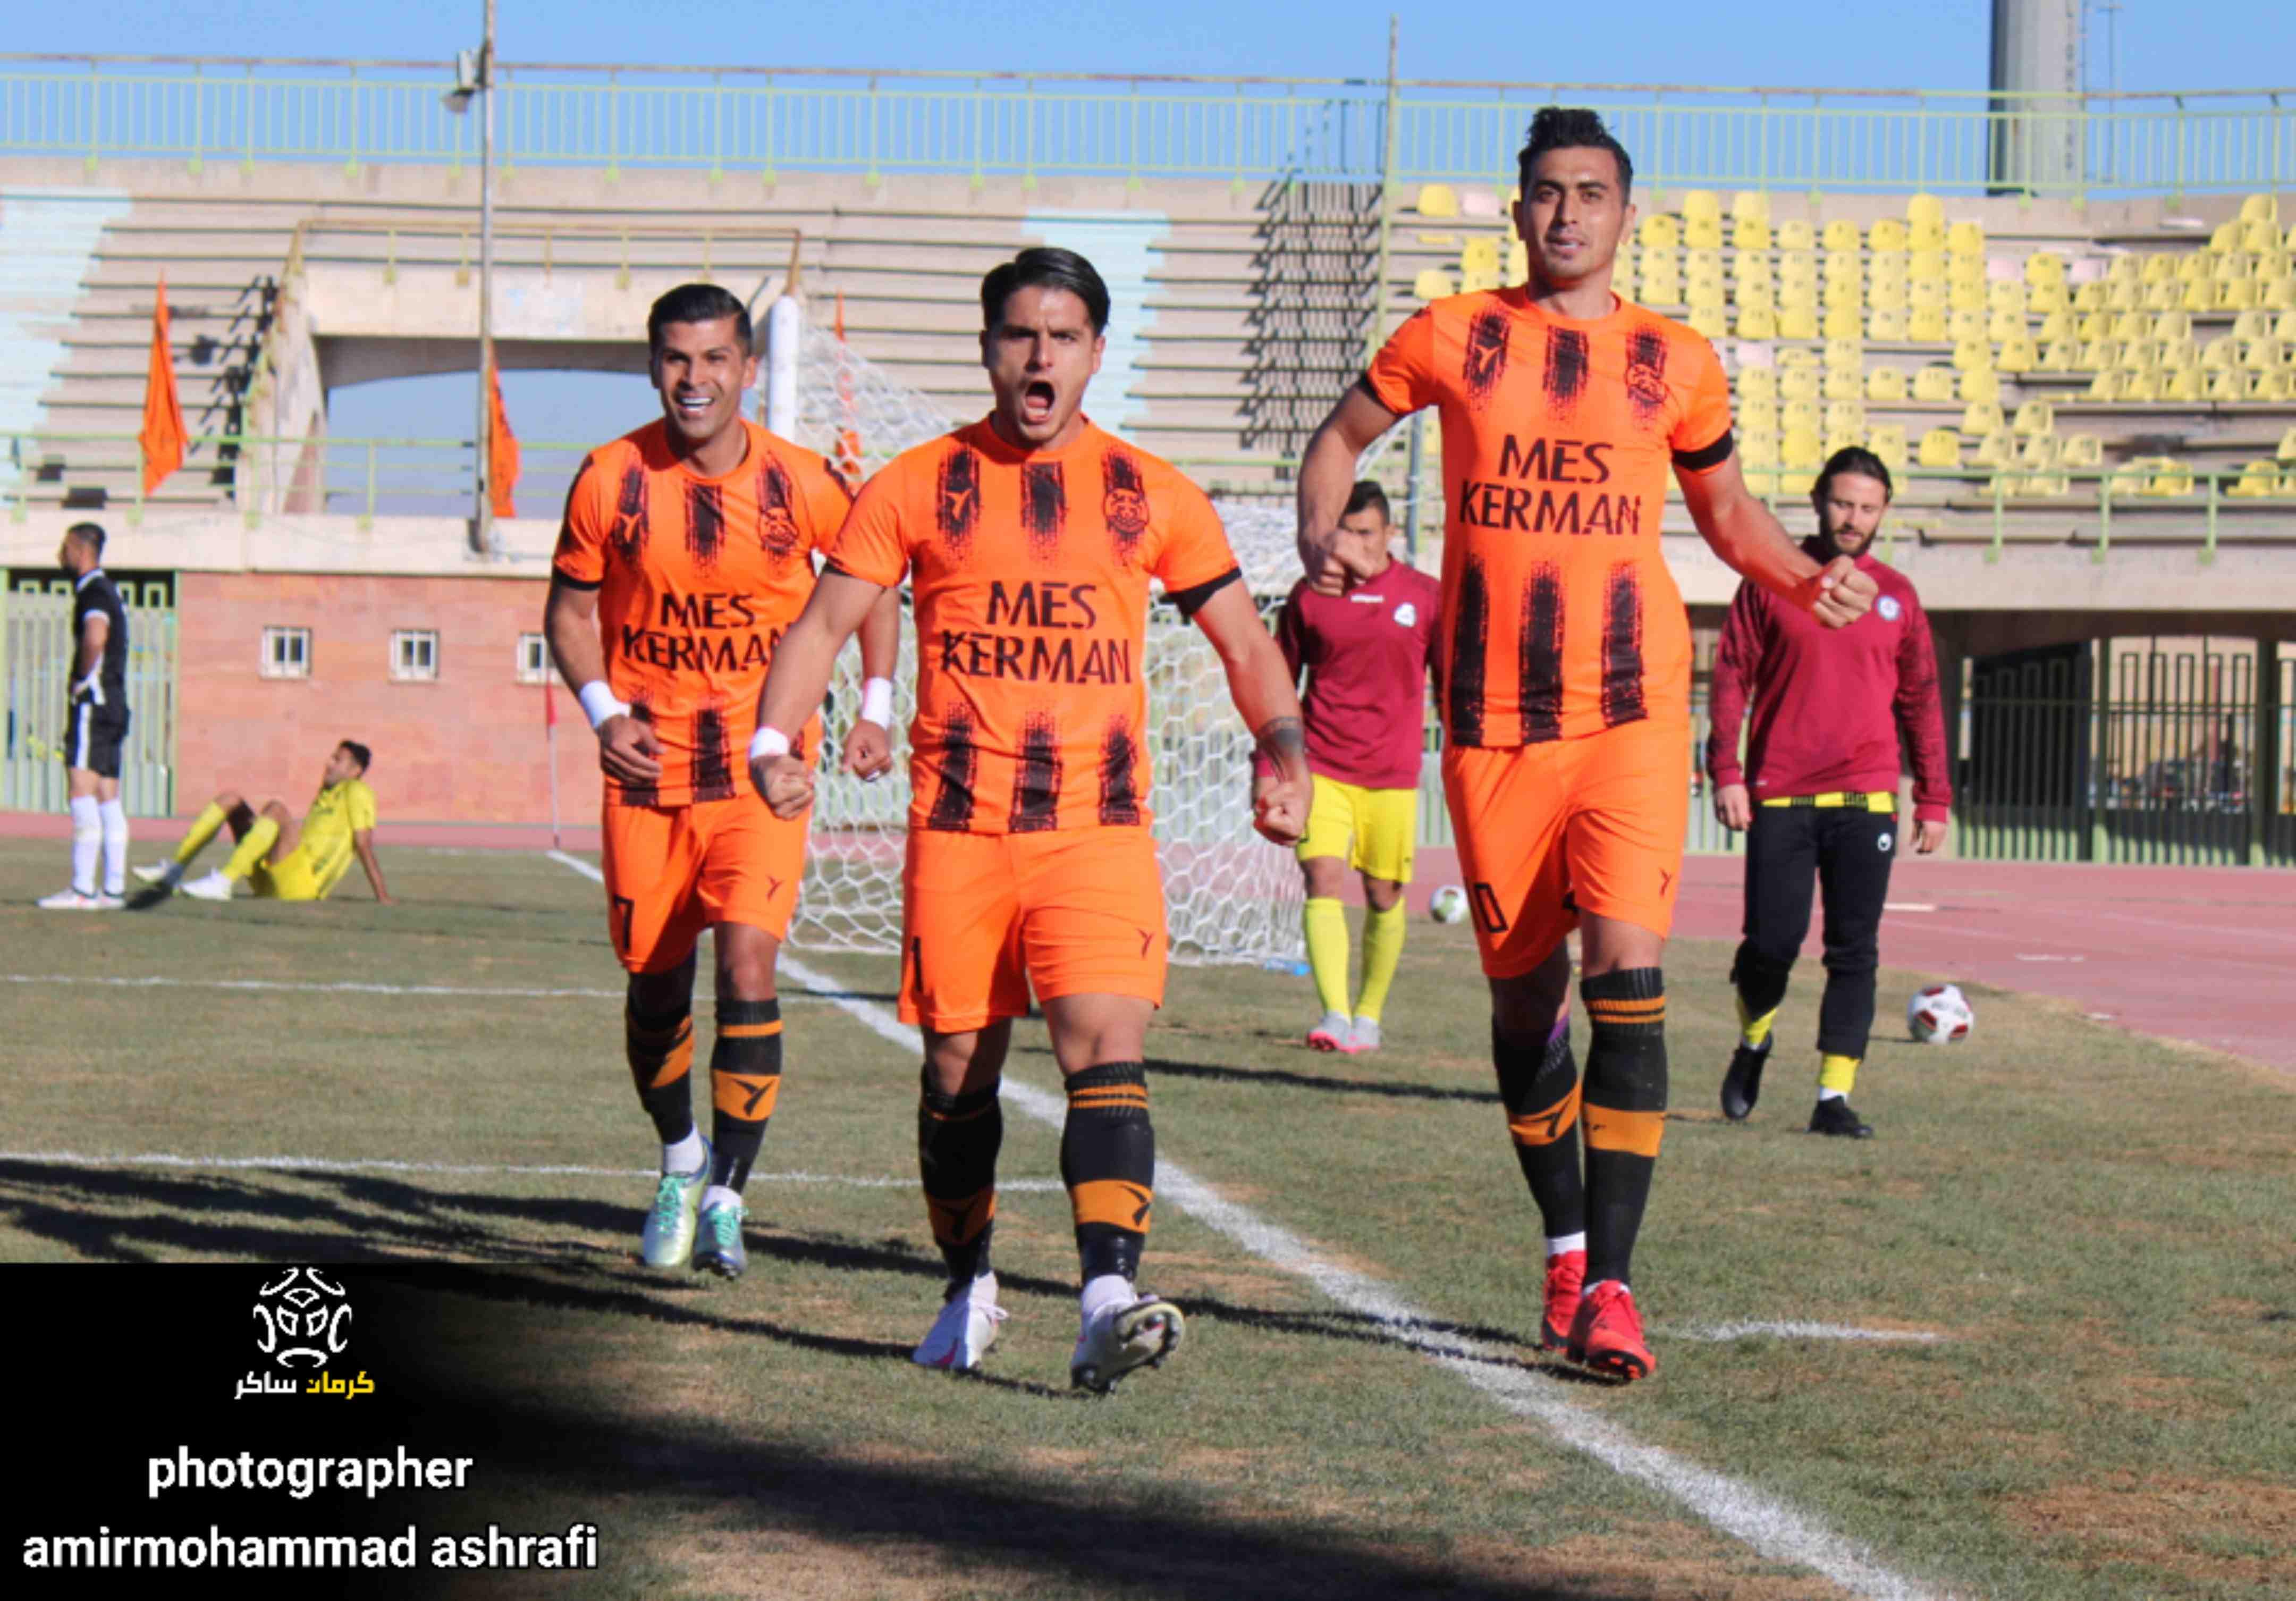 گزارش تصویری: هفته نهم لیگ یک فوتبال کشور/مس کرمان- پارس جنوبی جم از دریچه دوربین امیرمحمد اشرفی